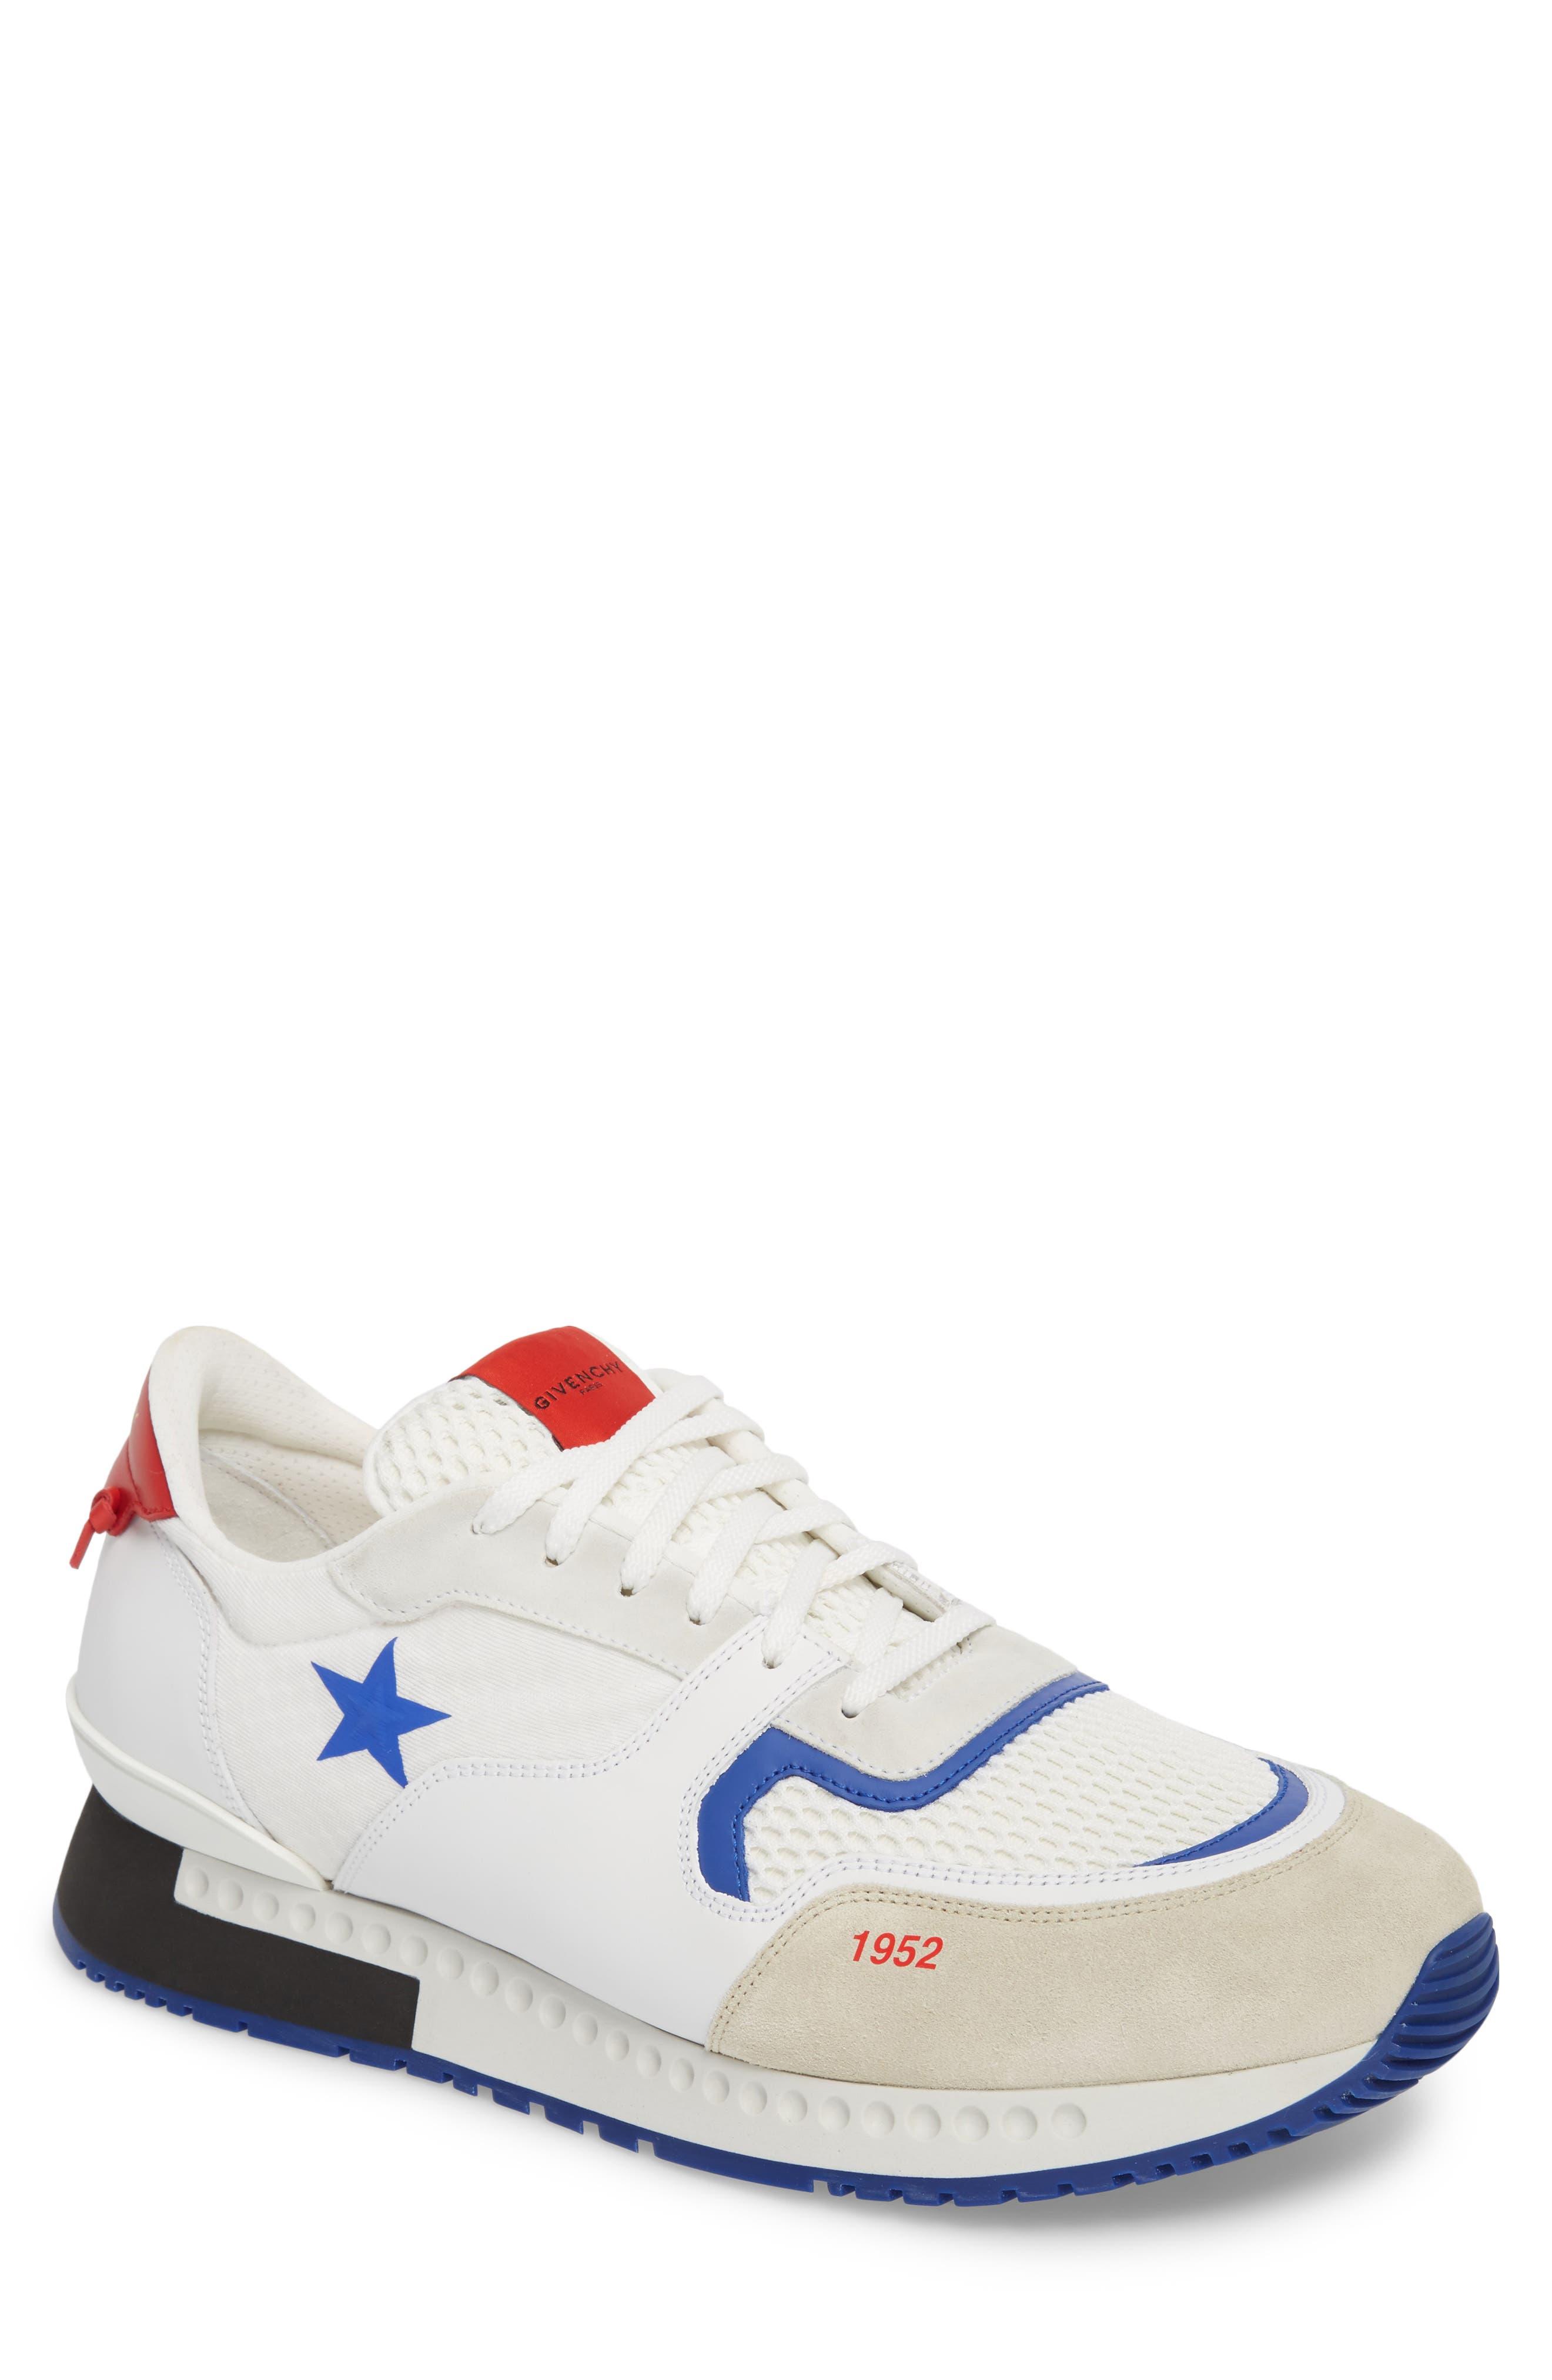 1952 Star Active Runner Sneaker,                             Main thumbnail 1, color,                             White/ Red